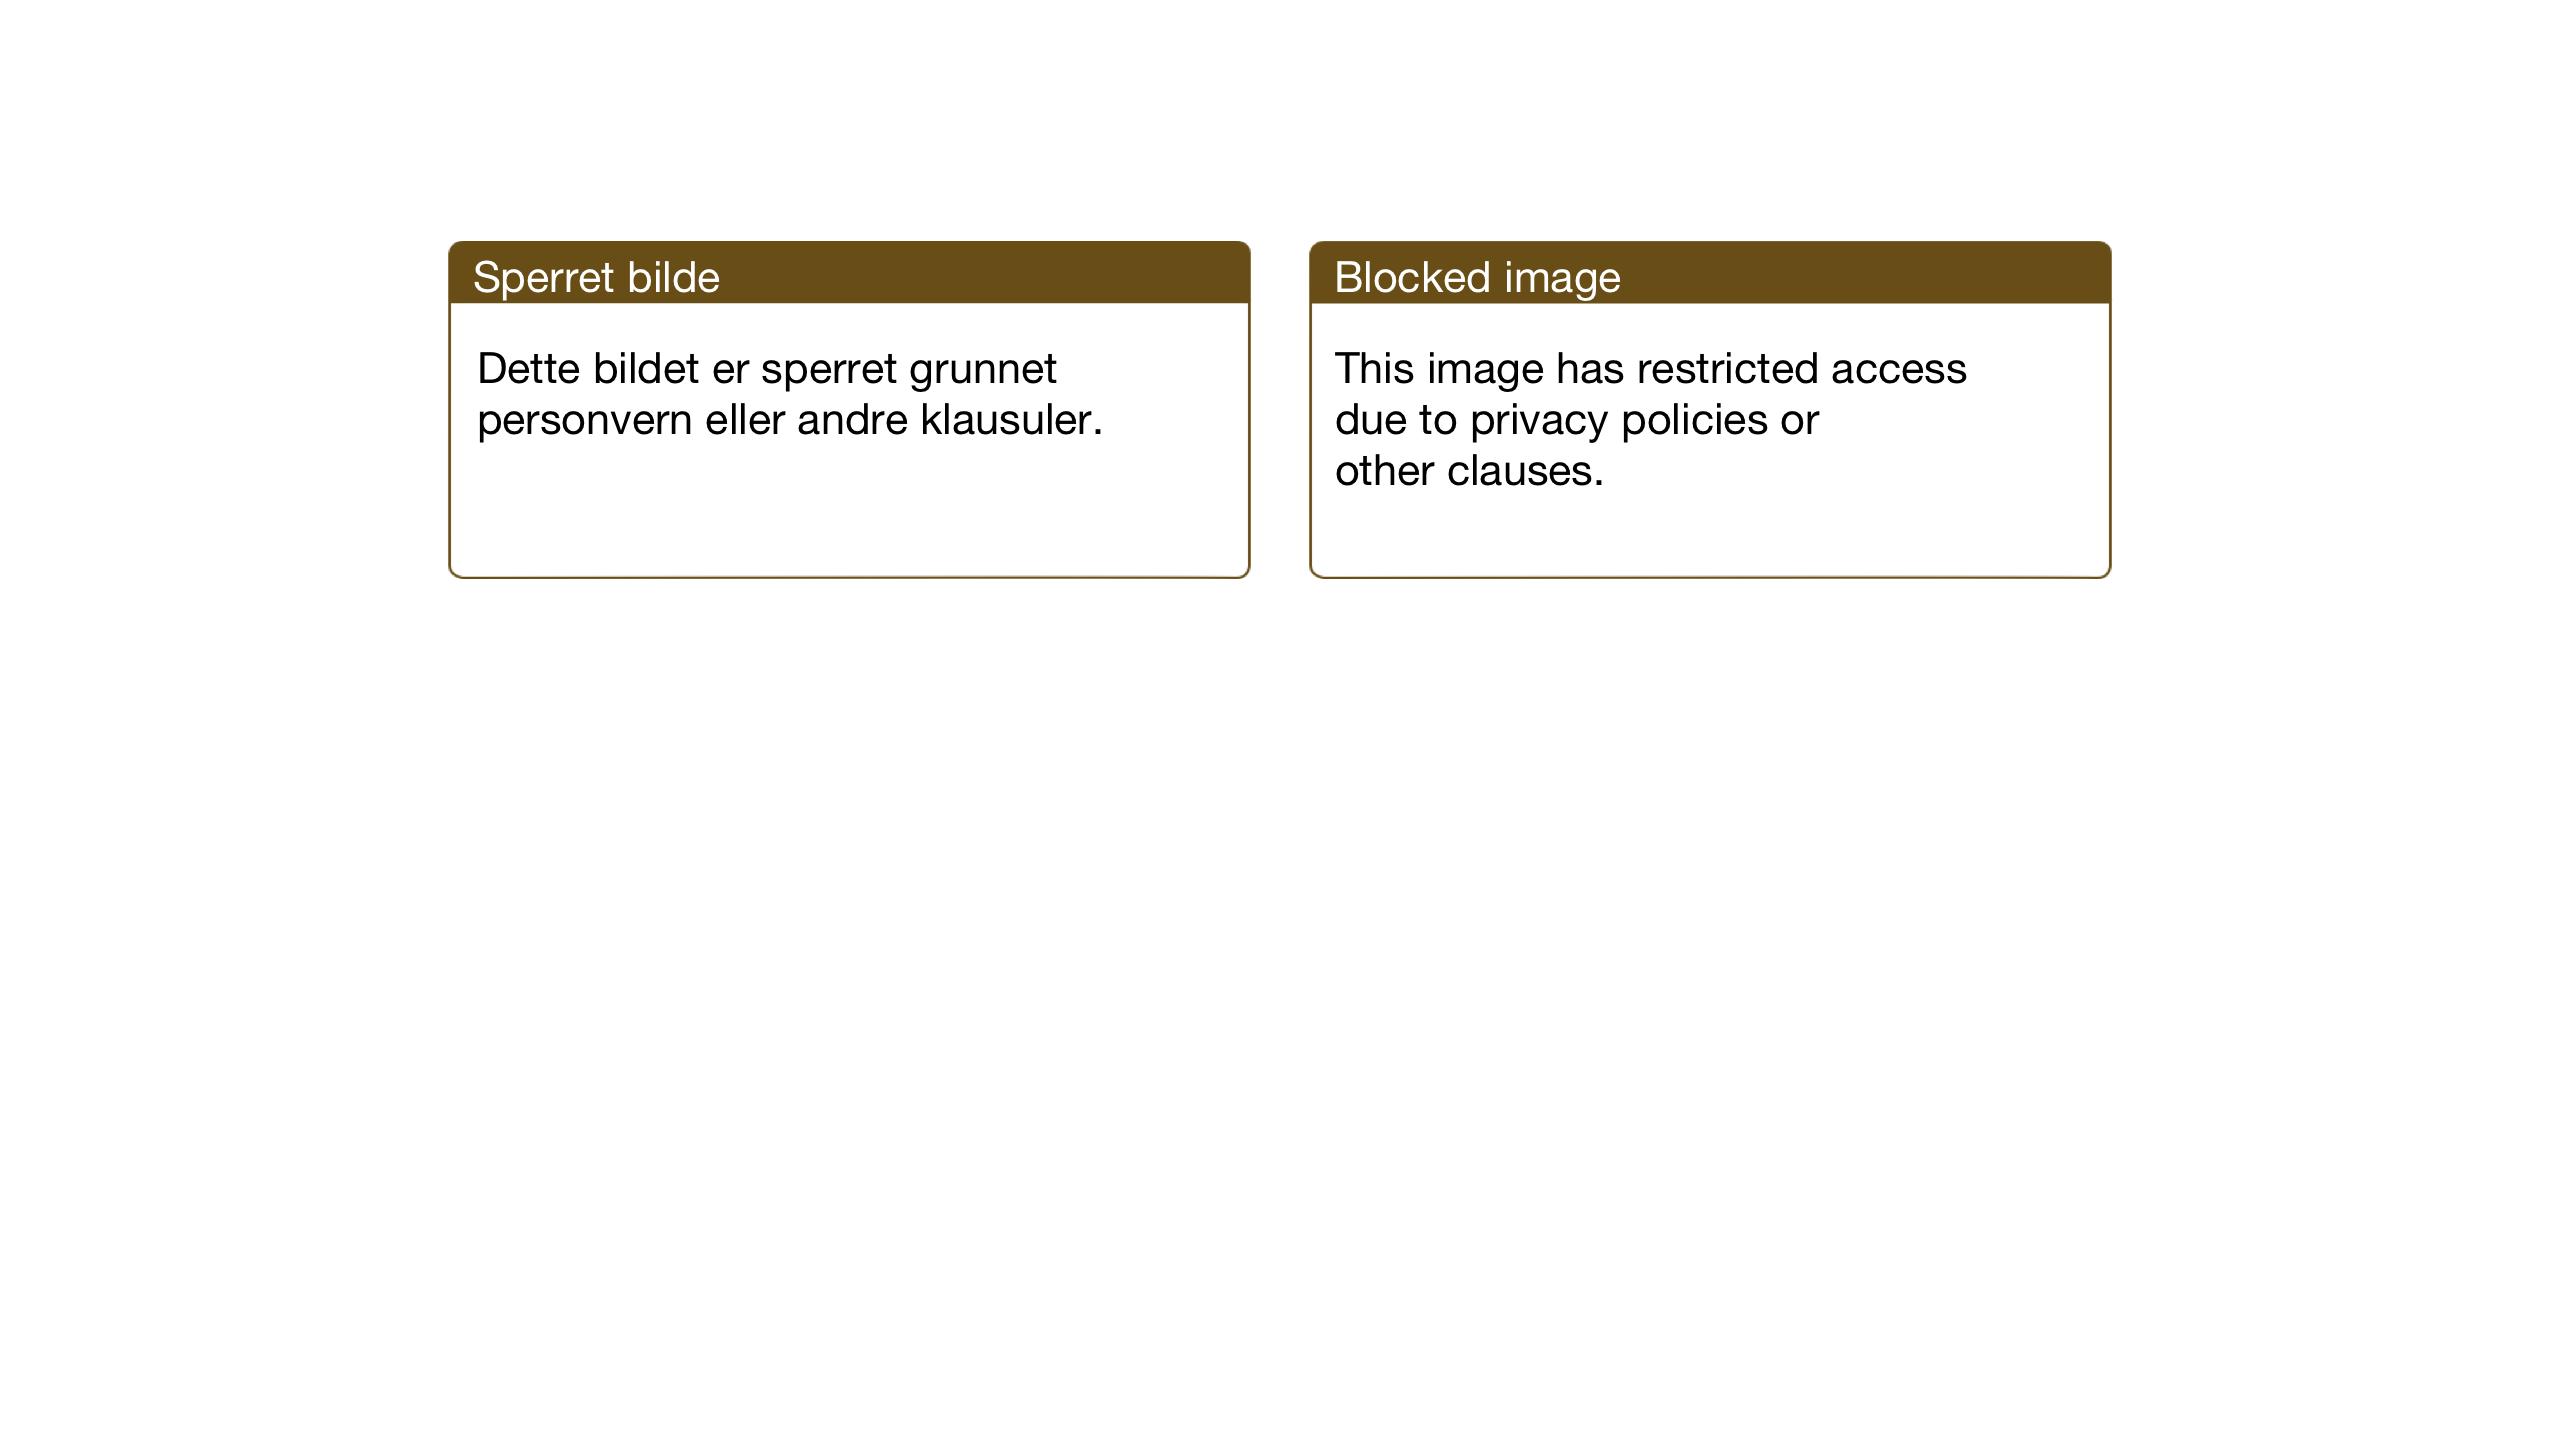 SAT, Ministerialprotokoller, klokkerbøker og fødselsregistre - Sør-Trøndelag, 686/L0986: Klokkerbok nr. 686C02, 1933-1950, s. 27